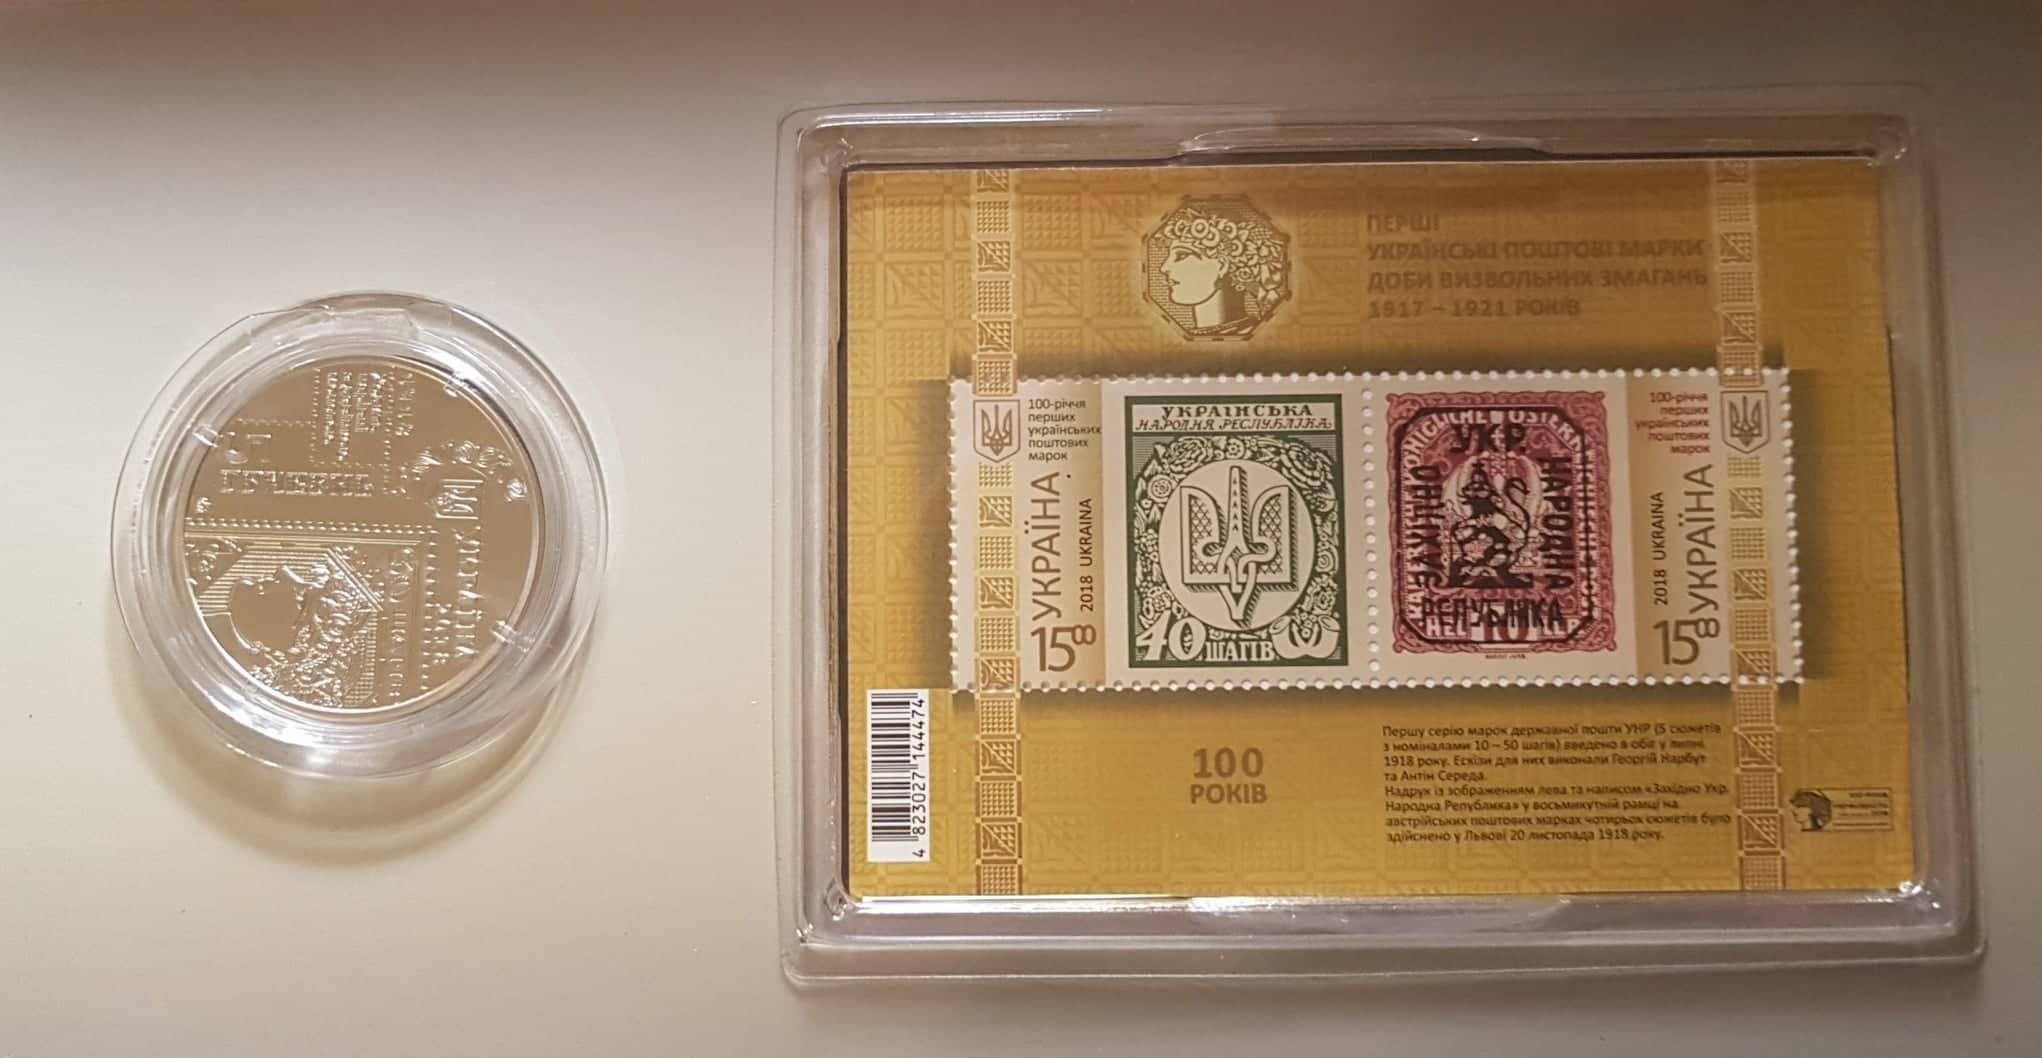 Ювілейний випуск «Перші українські поштові марки доби визвольних змагань 1917-1921 років. Пам'ятна монета номіналом 5 гривень»